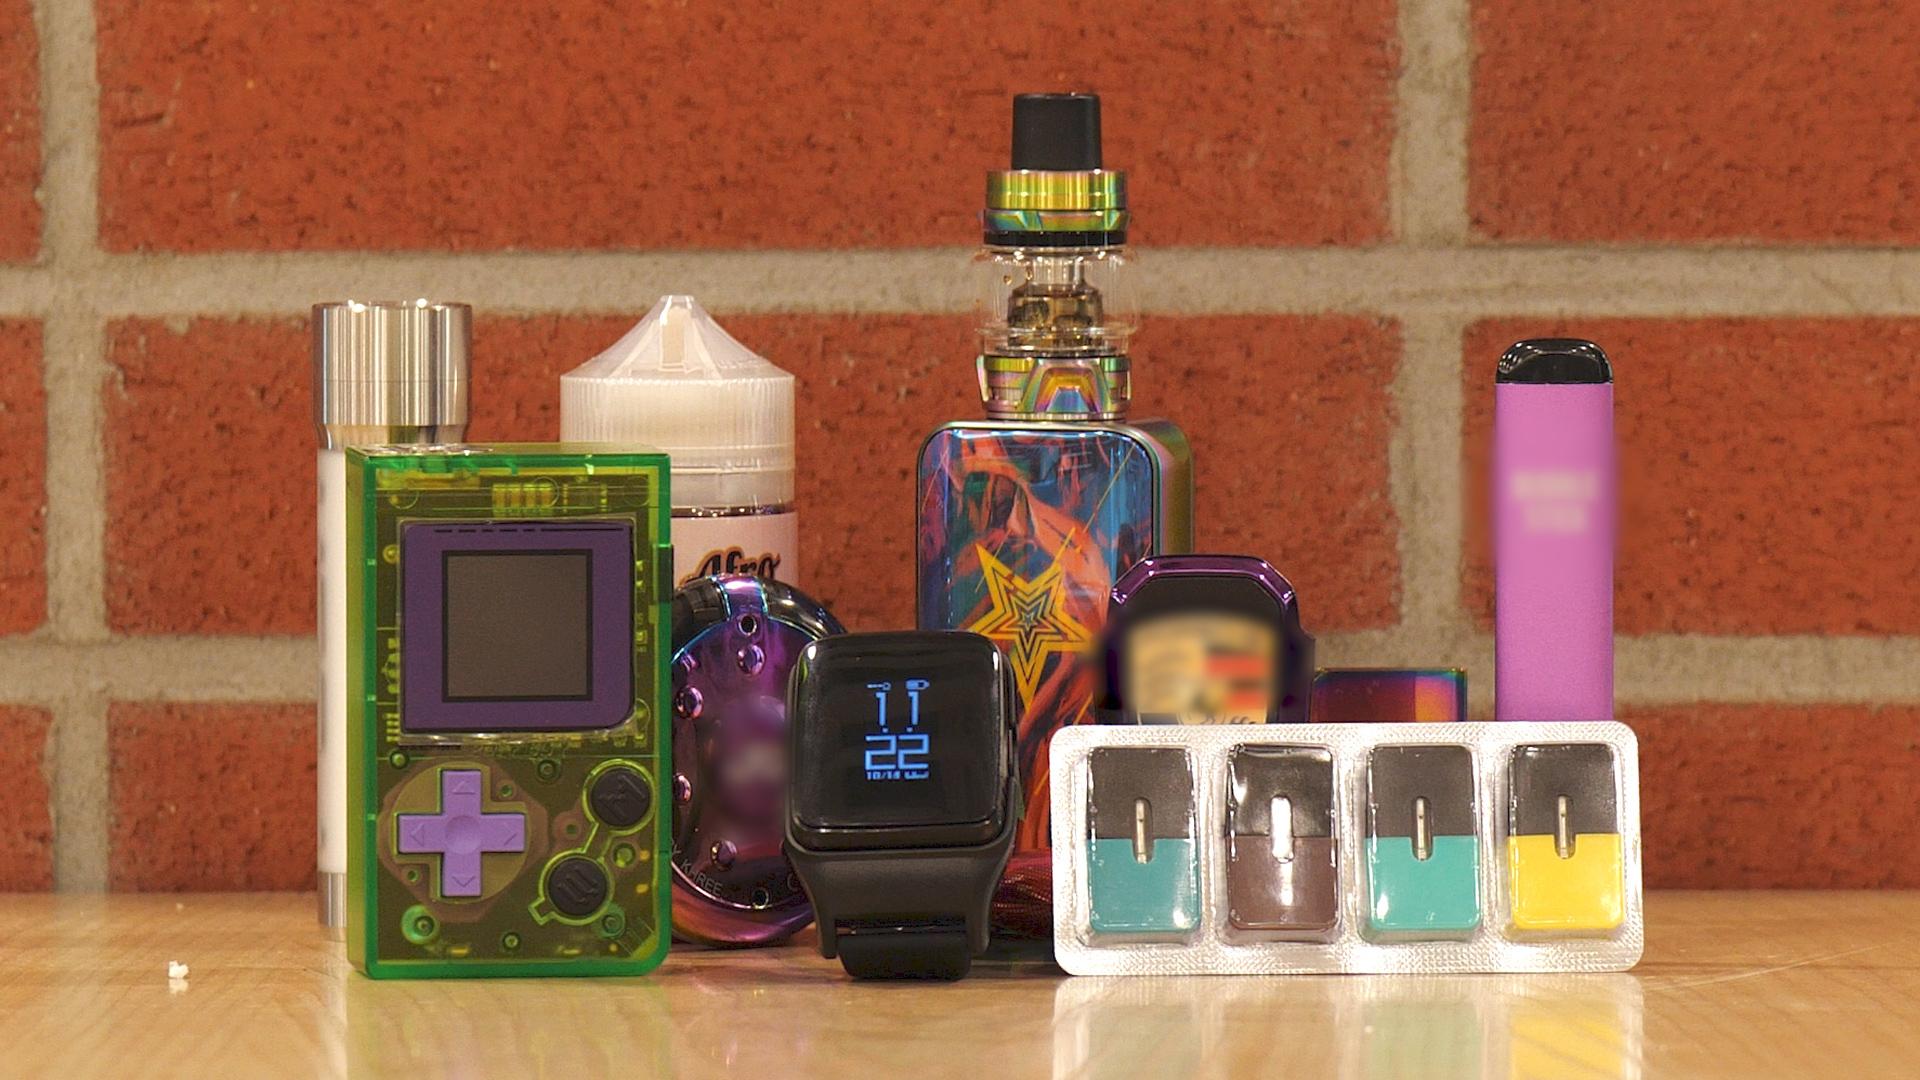 다양한 디자인의 액상형 전자담배 제품들. 게임기와 스마트 워치, USB, 화장 파우더 케이스 등 여러 형태로 청소년을 유혹한다. 왕준열